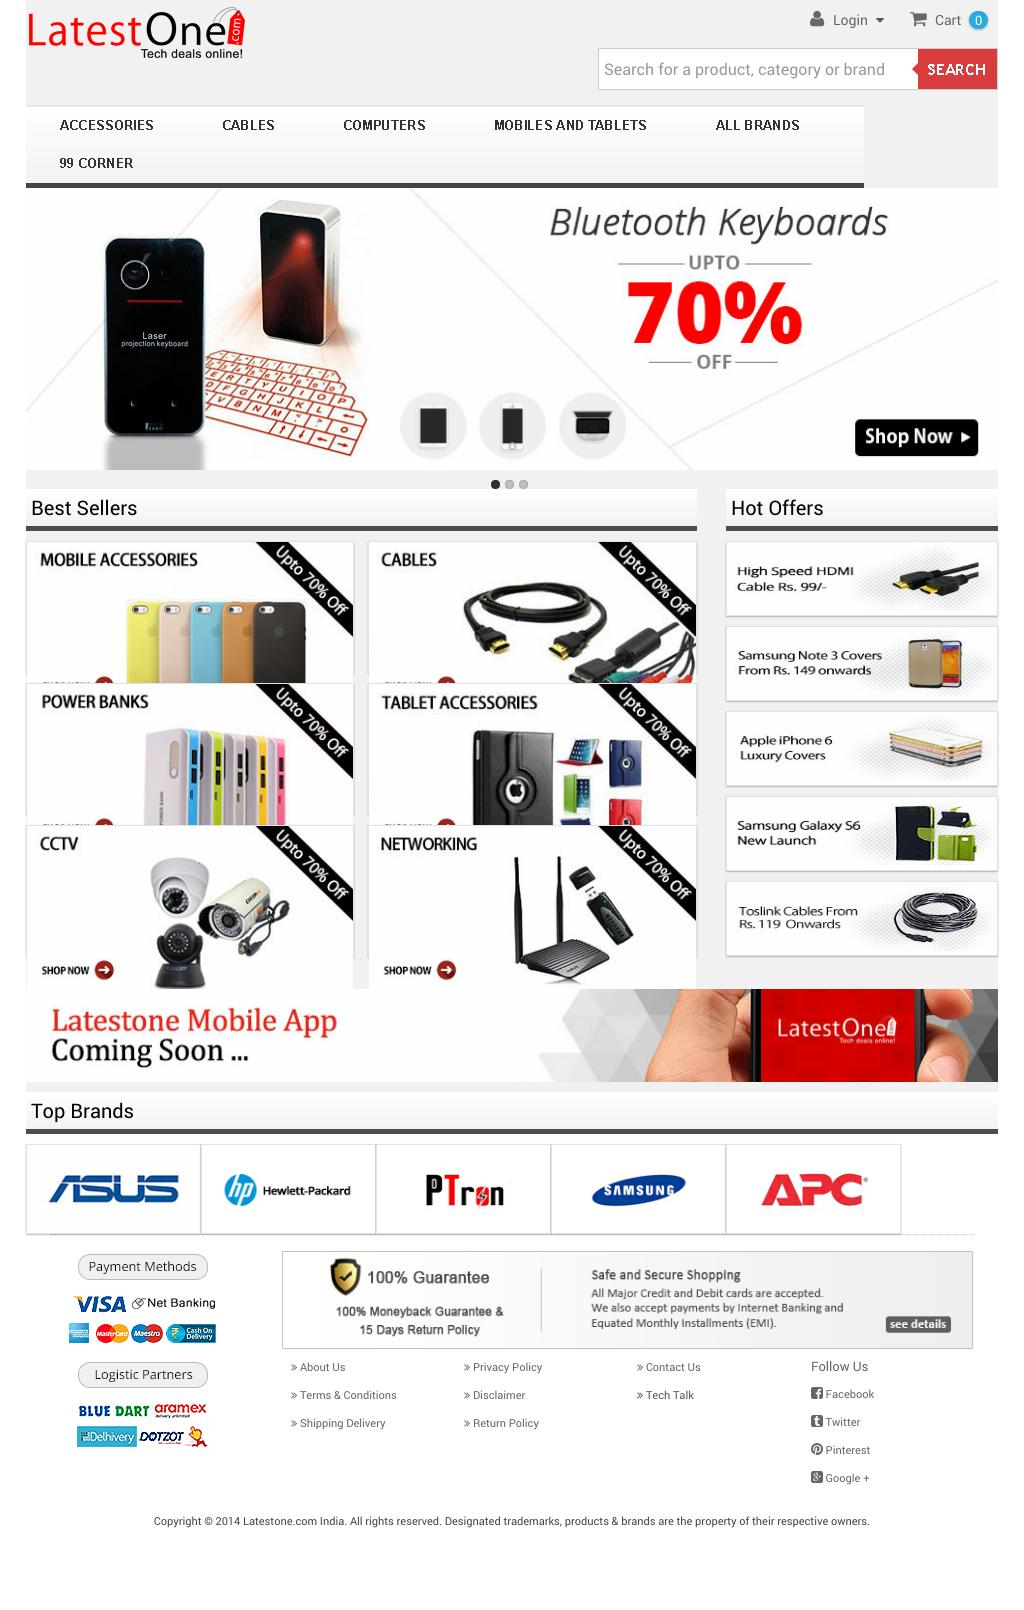 latestone.com-sale